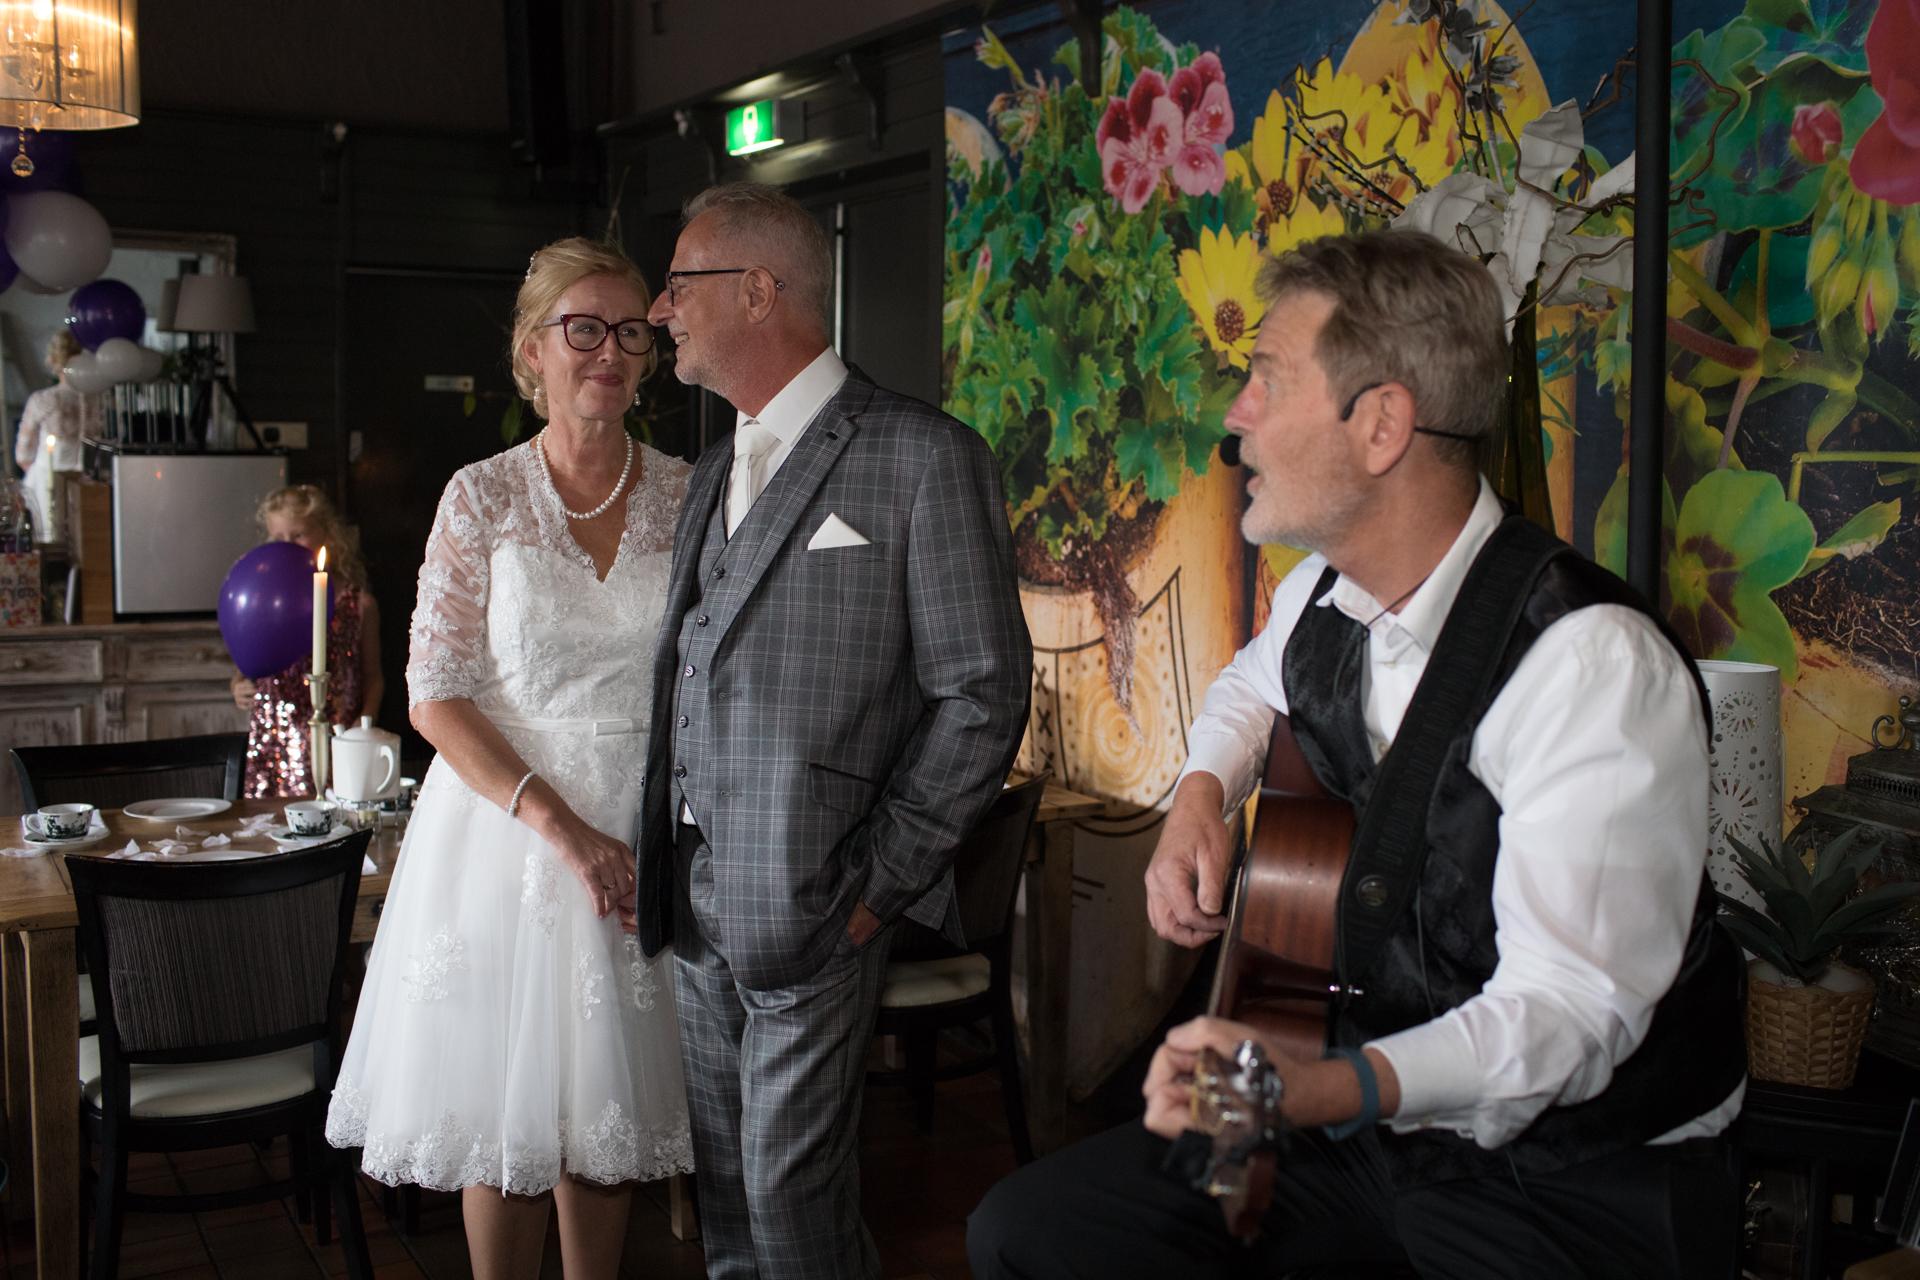 Bruidspaar wordt toegezongen